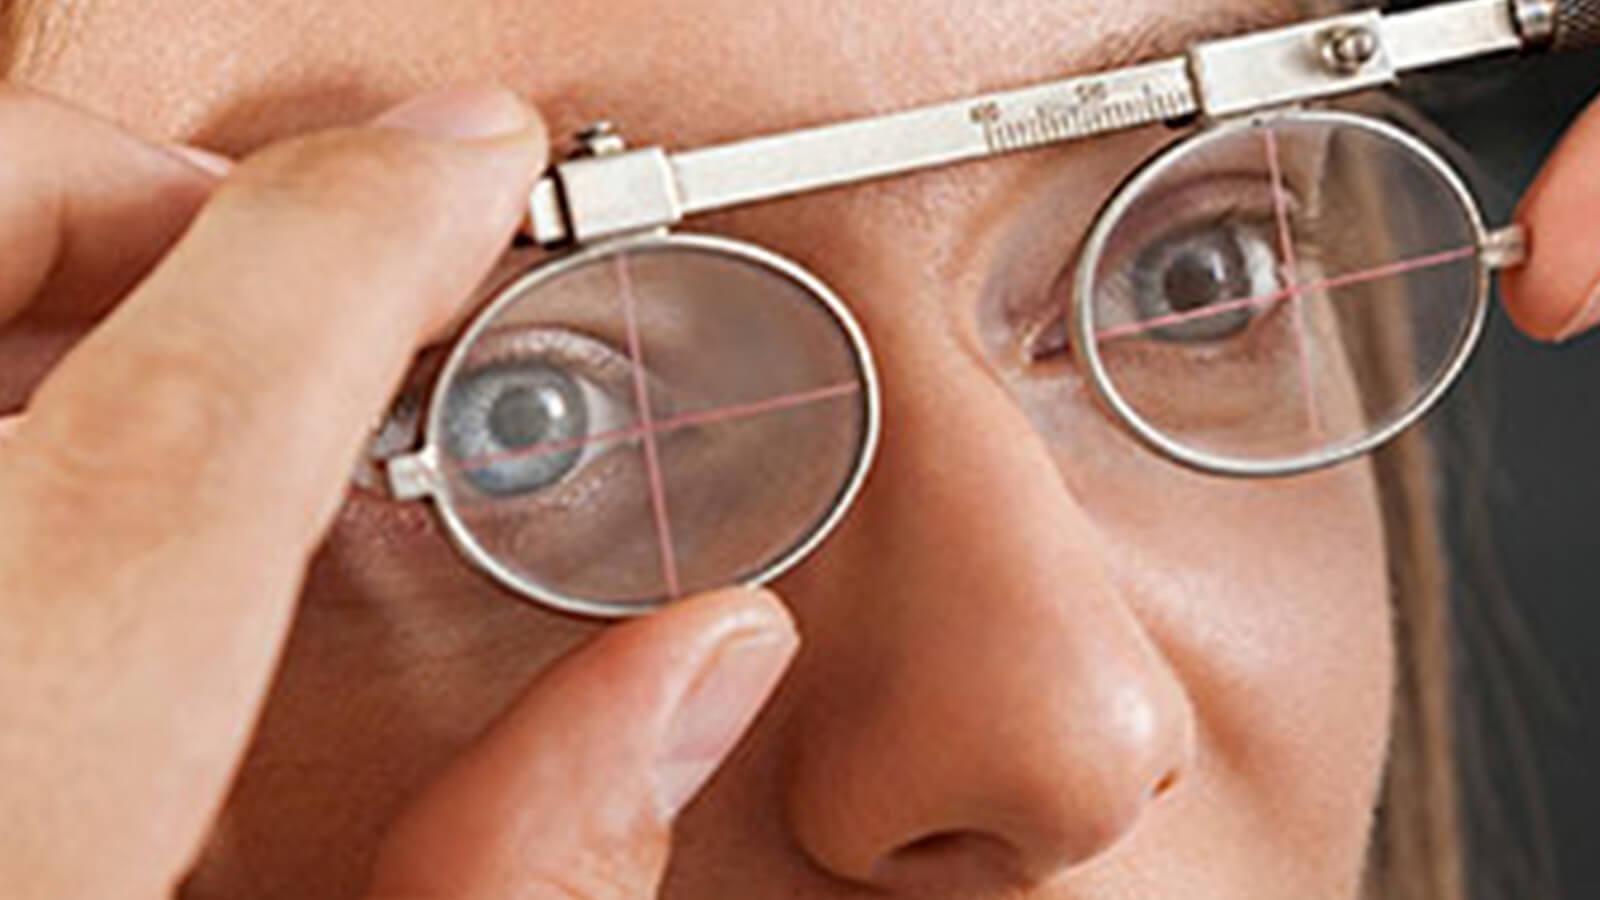 calico látásvizsgálati táblázat